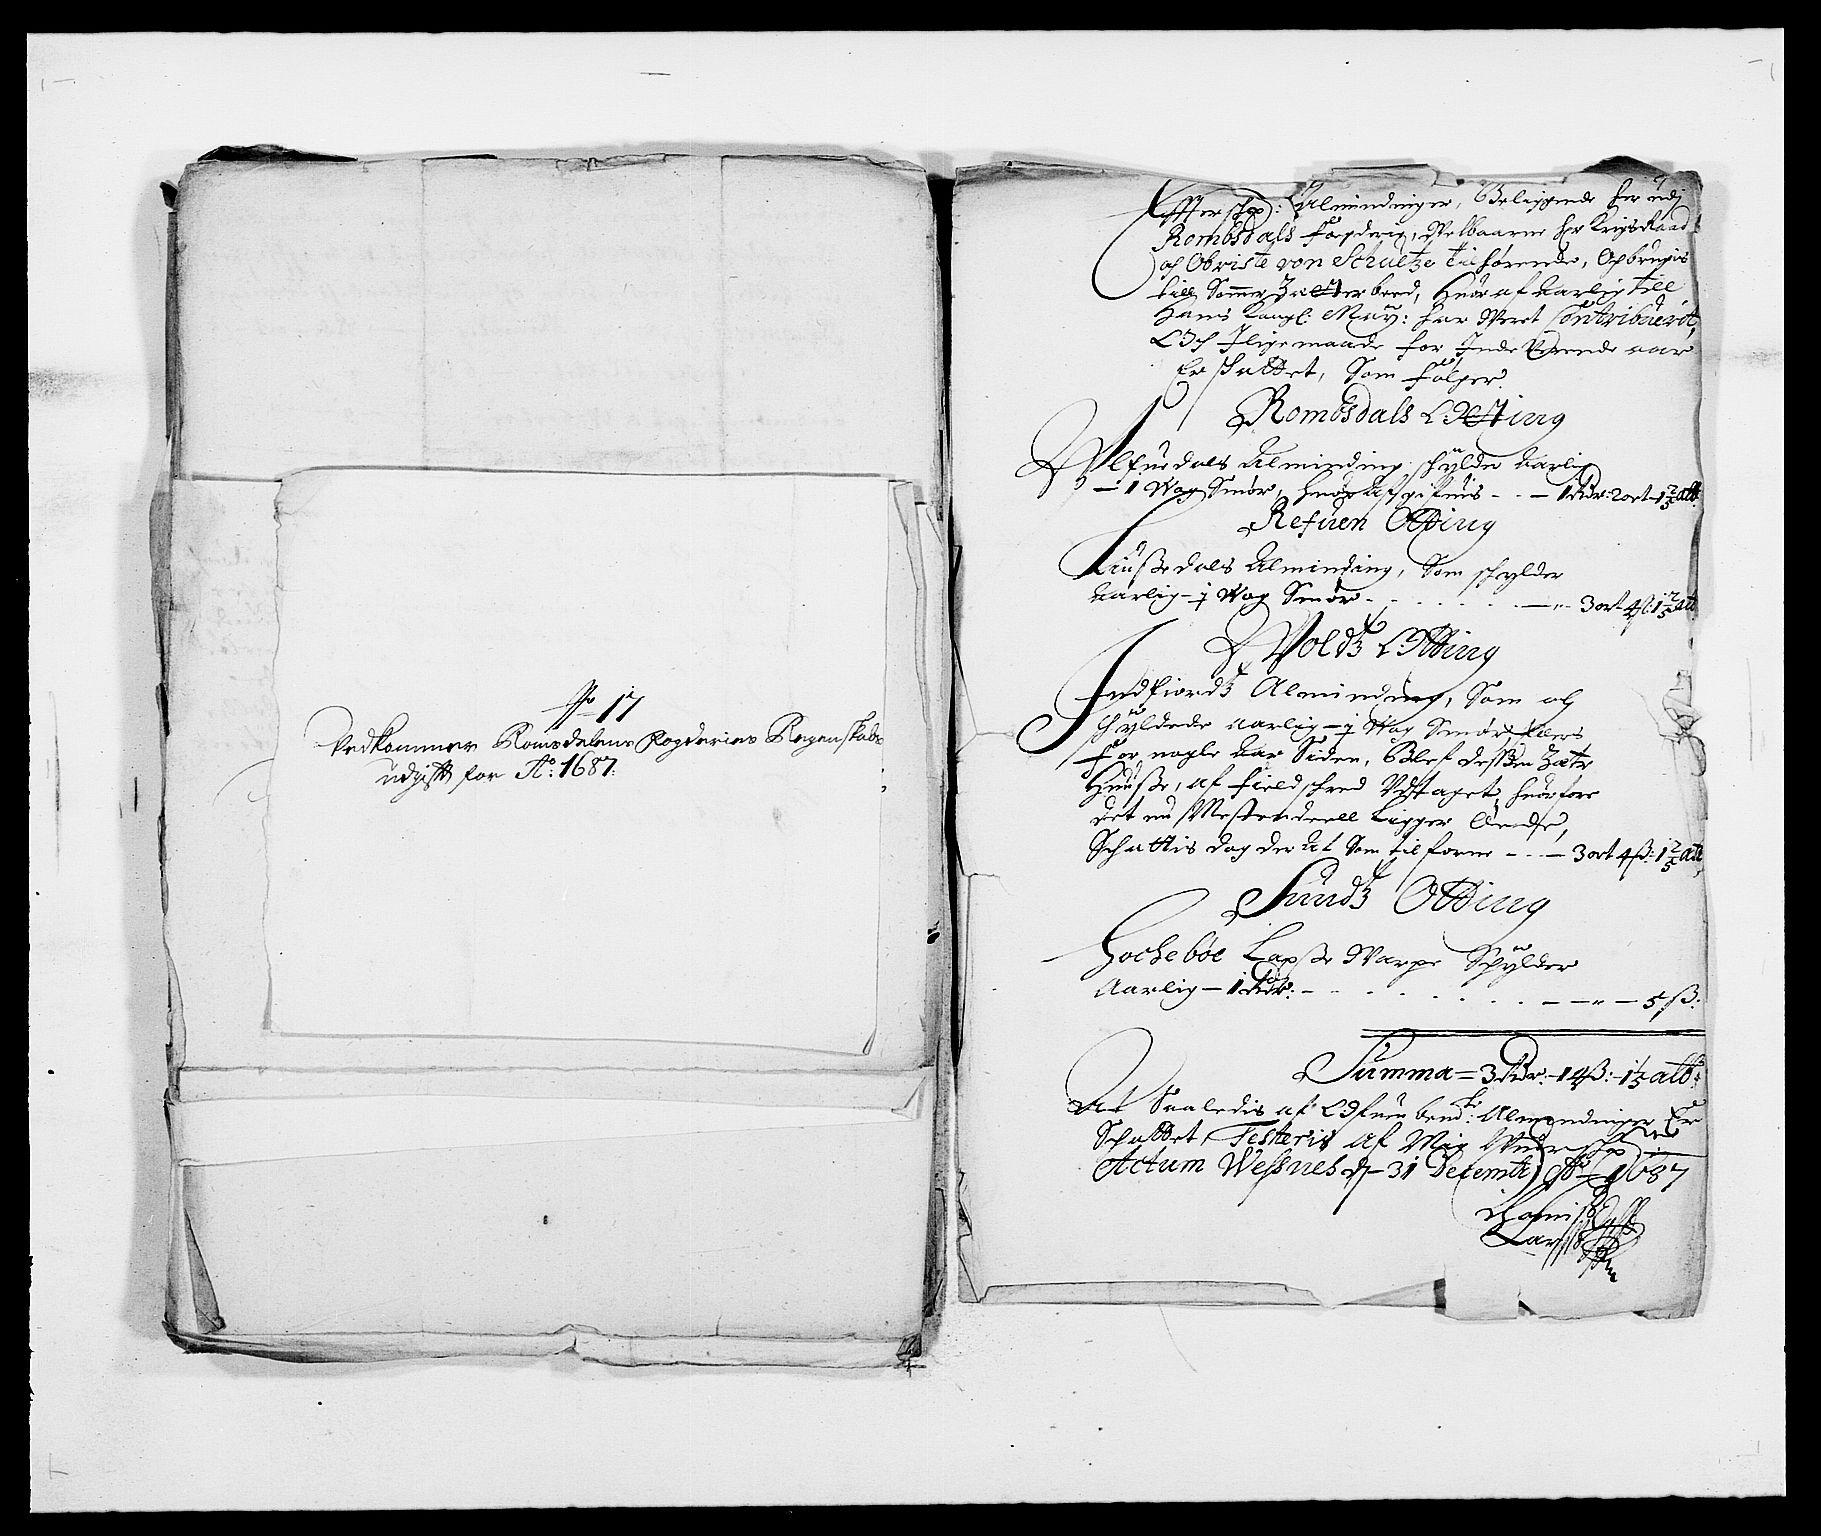 RA, Rentekammeret inntil 1814, Reviderte regnskaper, Fogderegnskap, R55/L3648: Fogderegnskap Romsdal, 1687-1689, s. 156